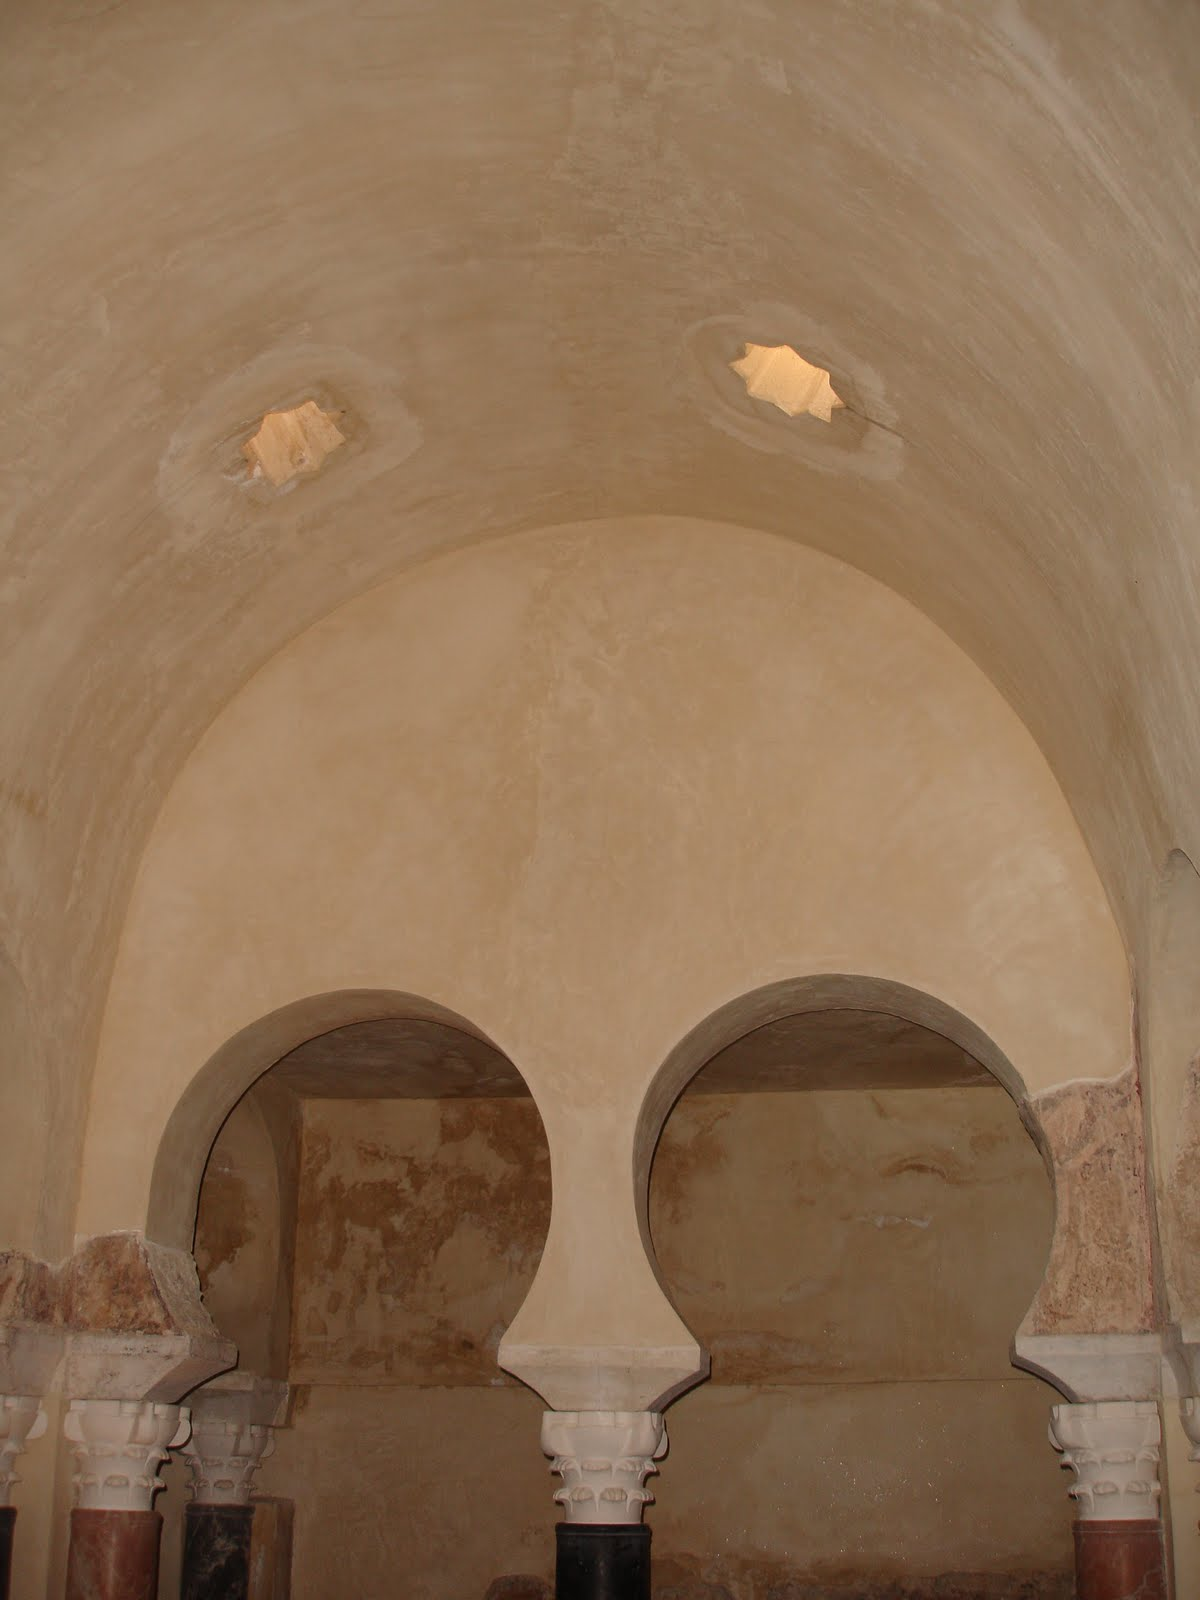 Baños Arabes Funcionamiento:Sevilla: Baños del Alcazár Califal y Baños Árabes de Santa